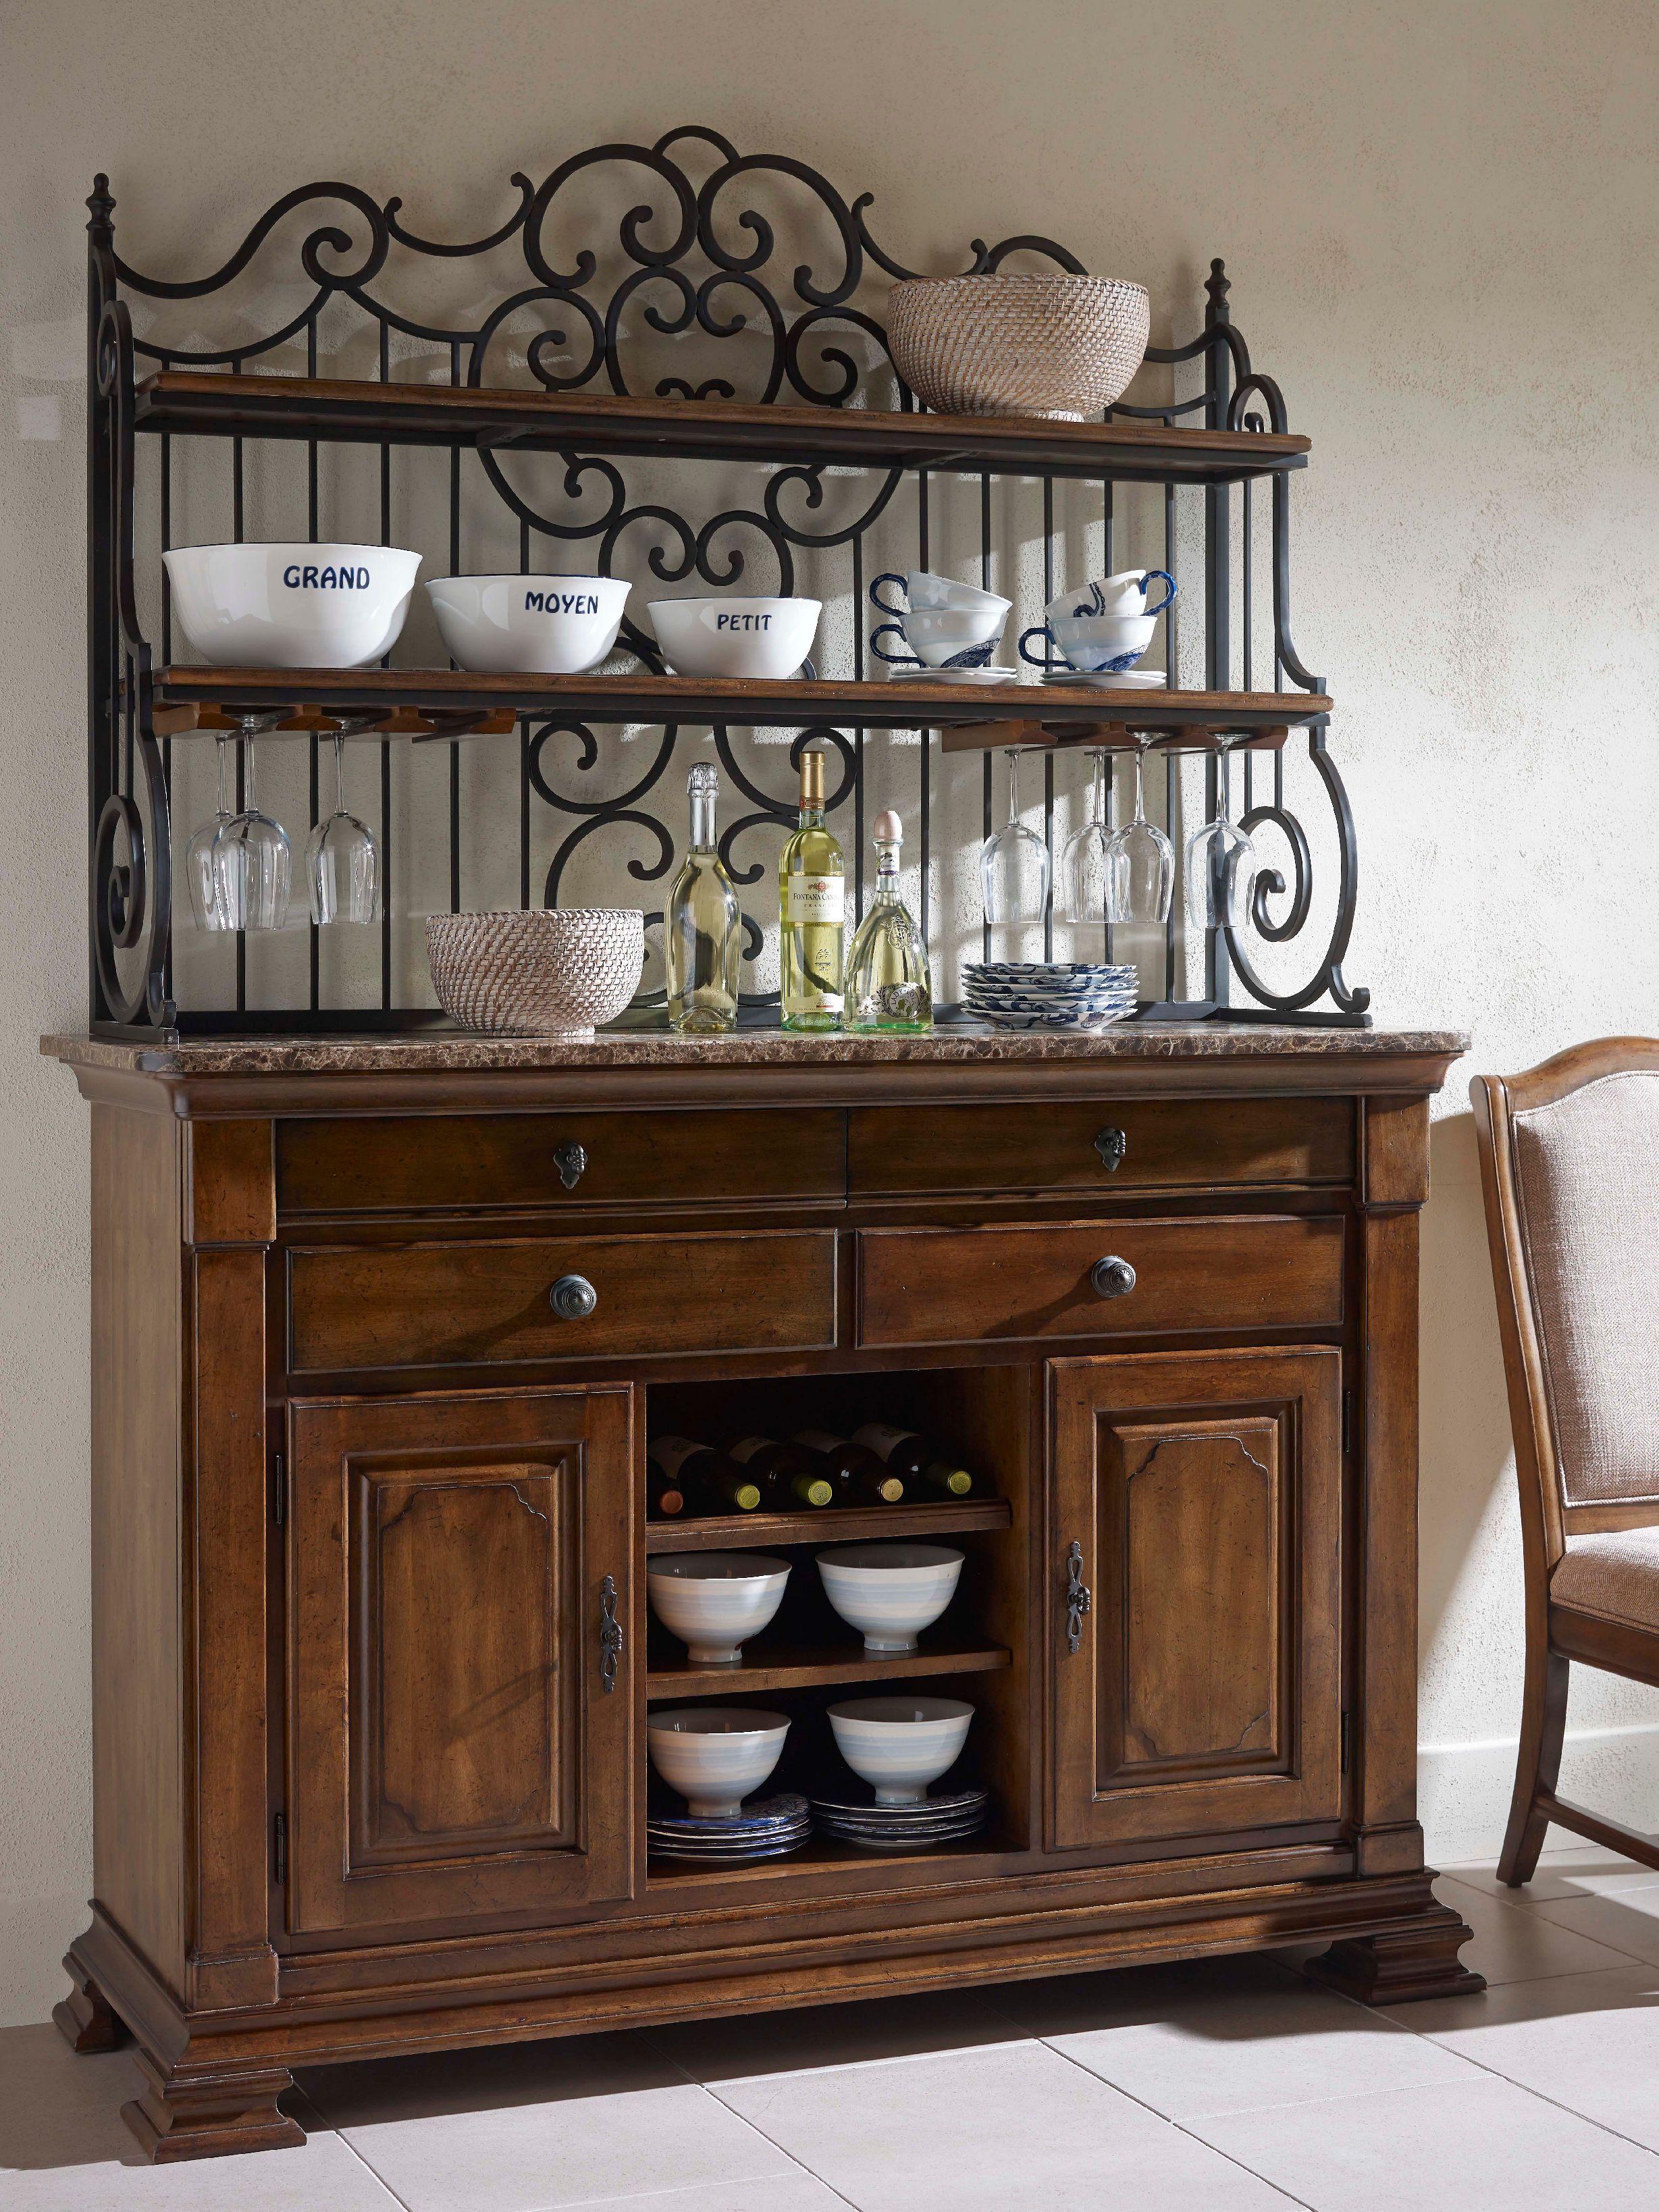 Kincaid Furniture Dining Room Bakers Rack 95 091